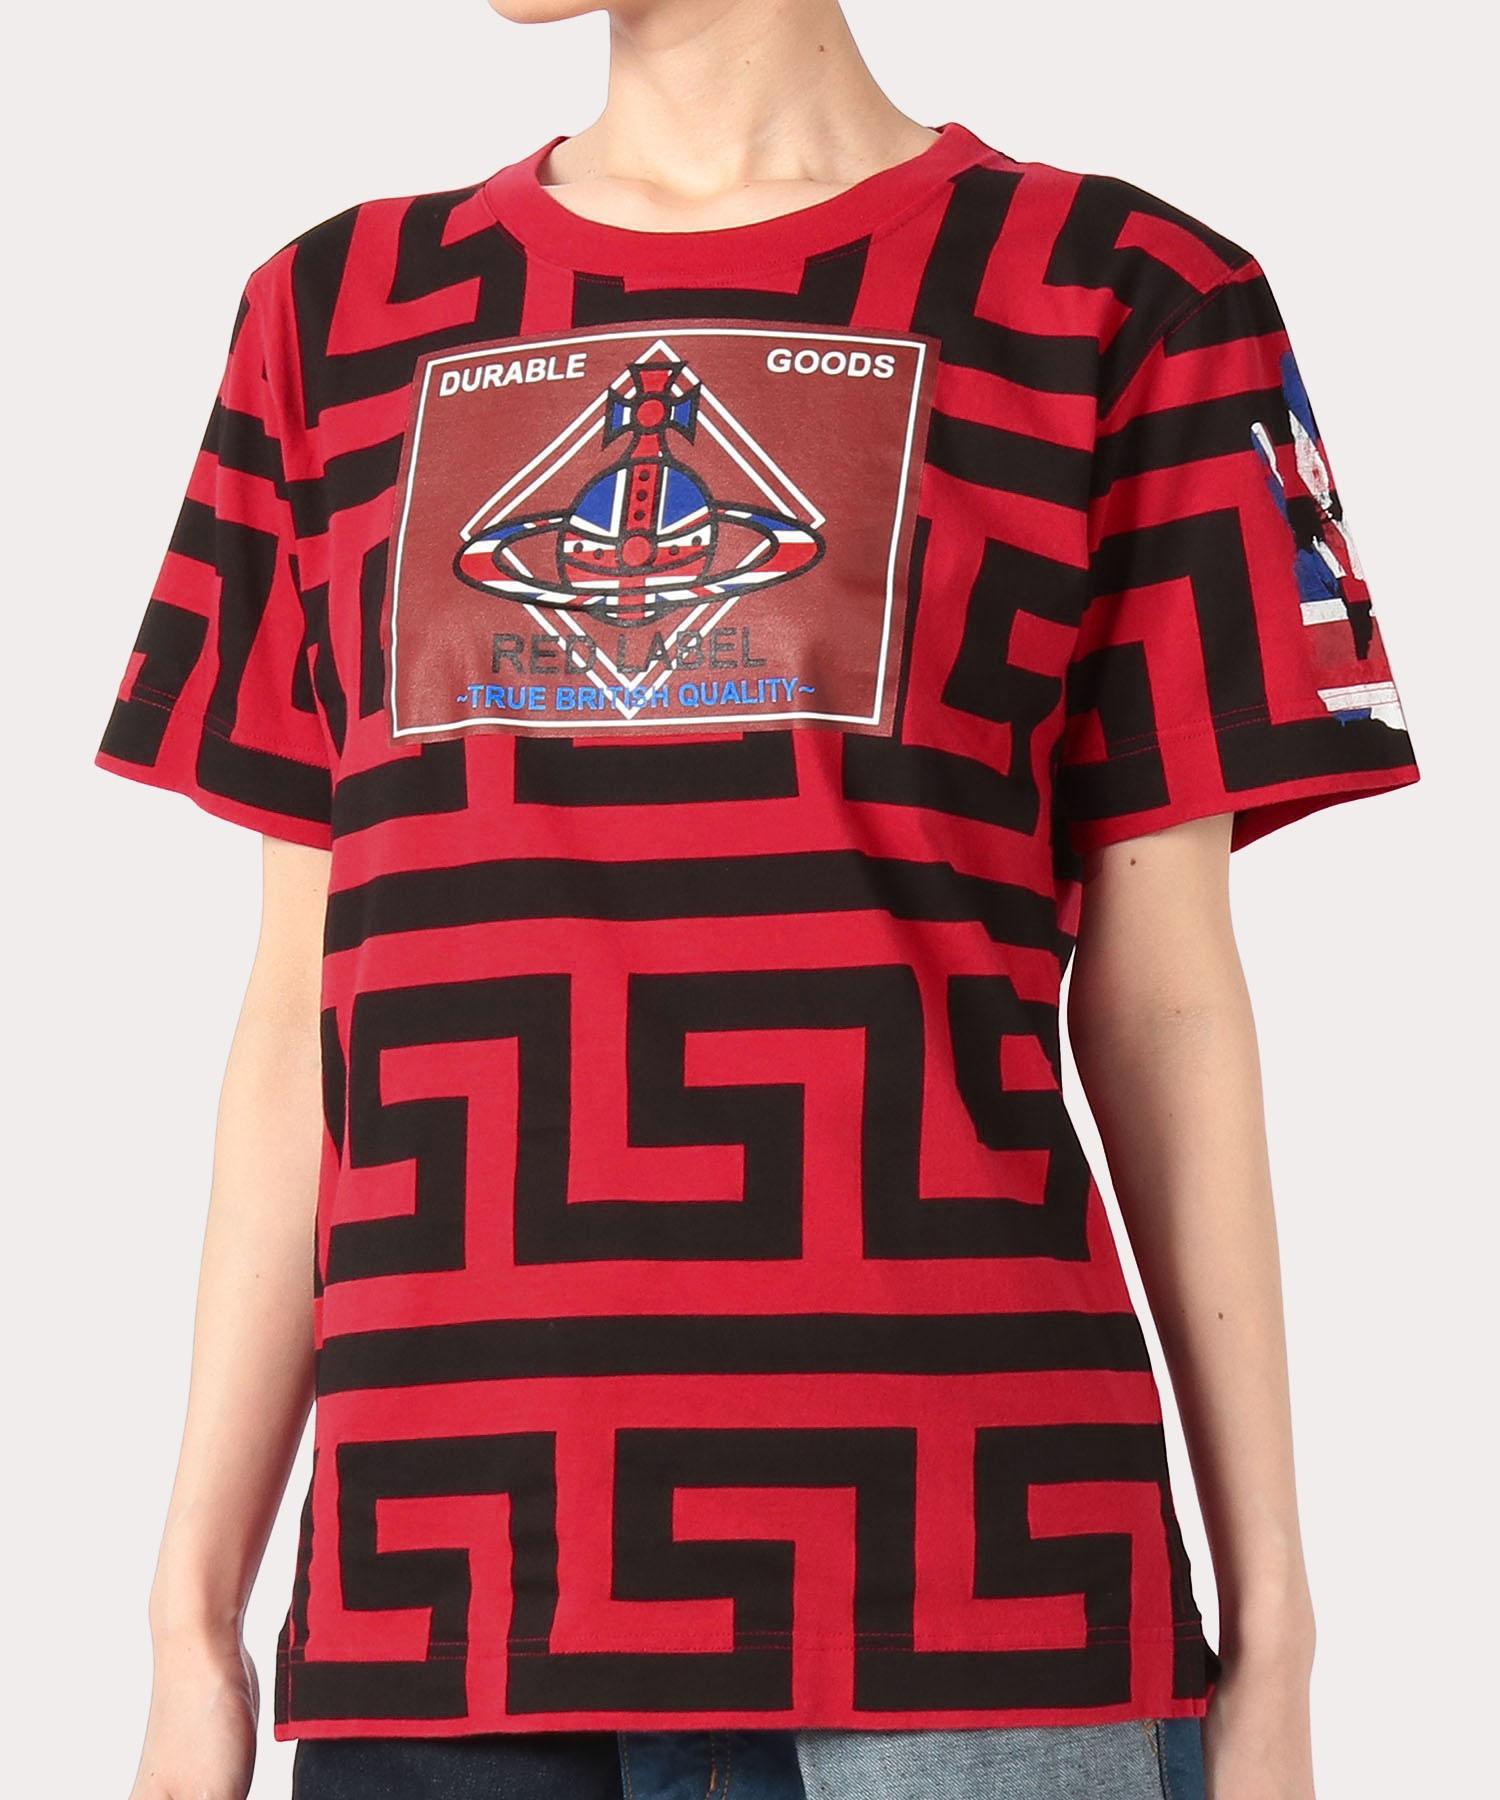 グリーク キー&デュアブル パッチ ボーイズTシャツ